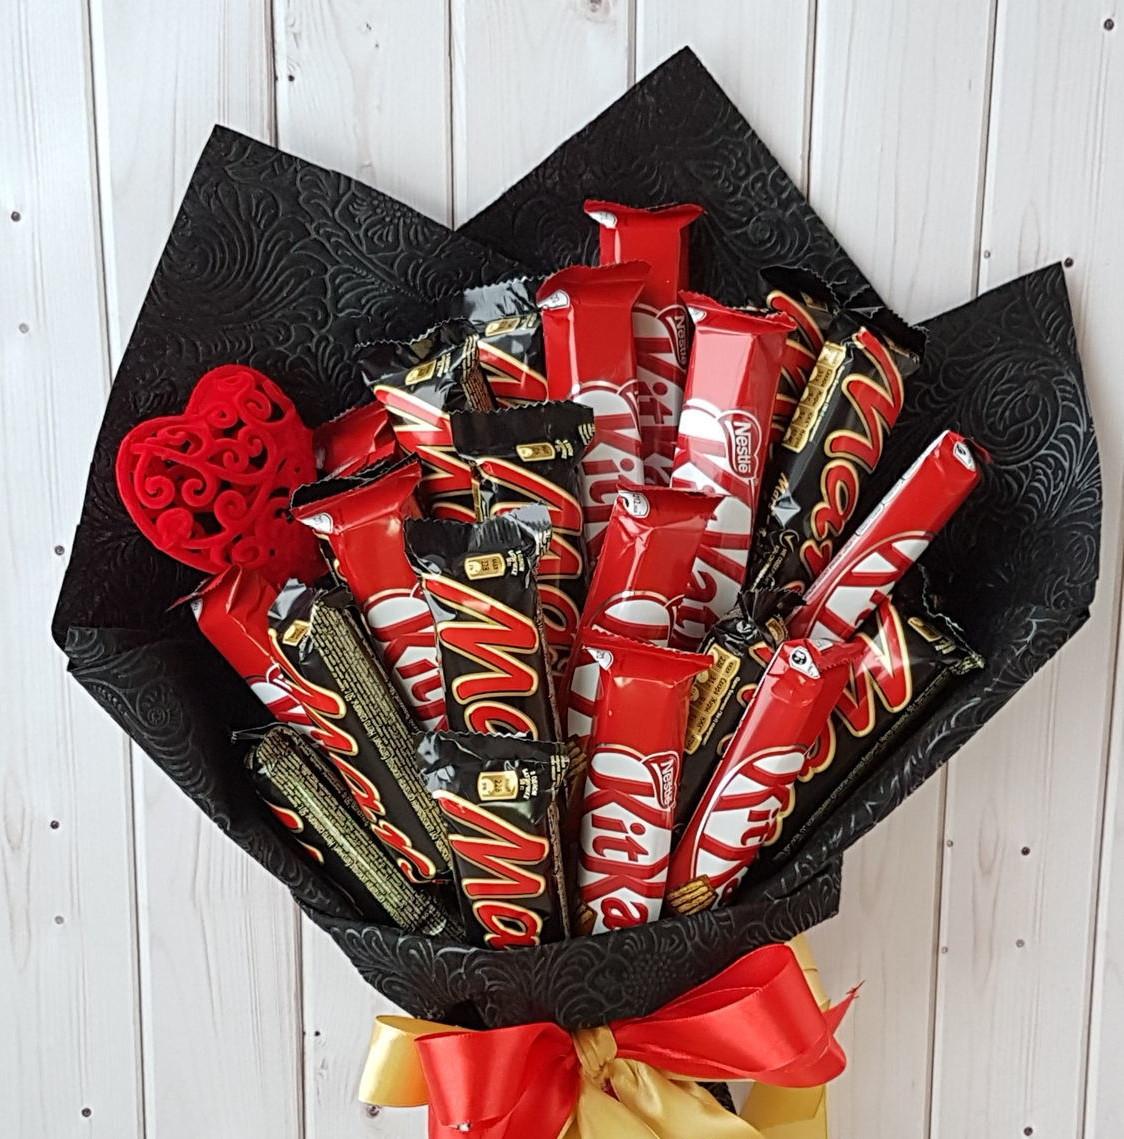 Букет из конфет своими руками - 120 фото и видео описание как и из каких конфет можно сделать букет